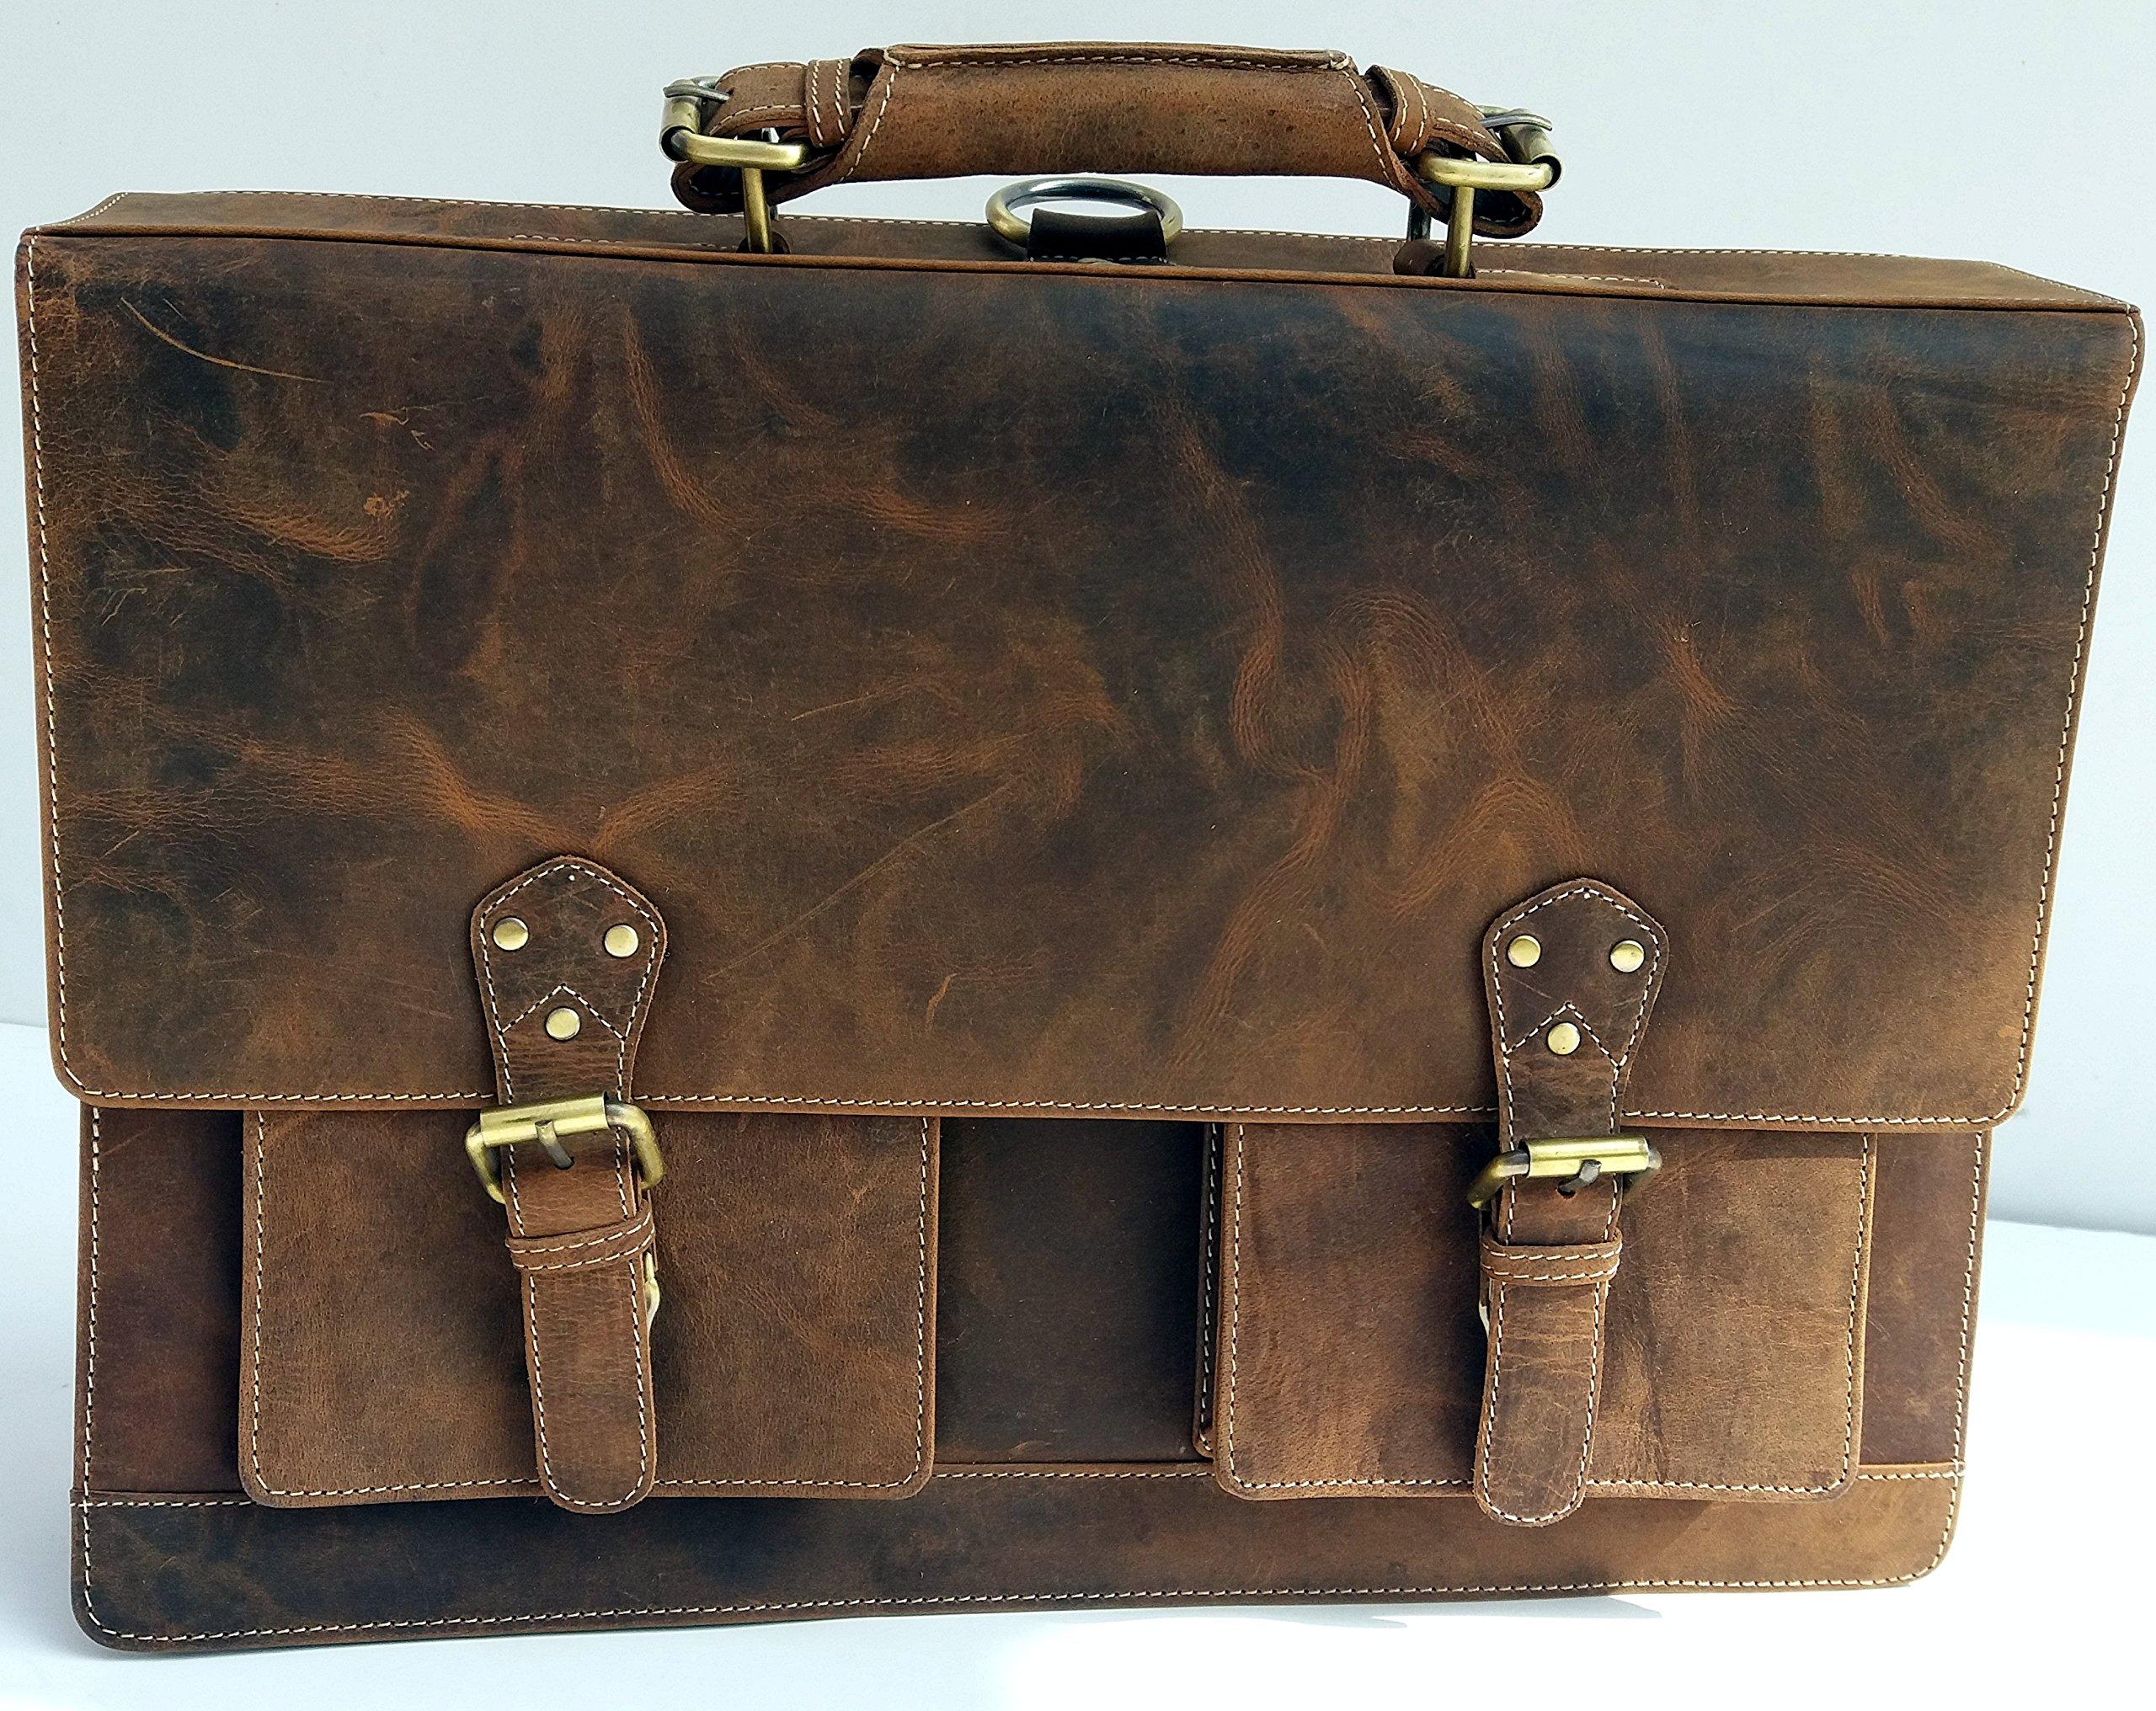 16 inch leather messenger briefcase shoulder laptop backpack bag for men and women by omansh